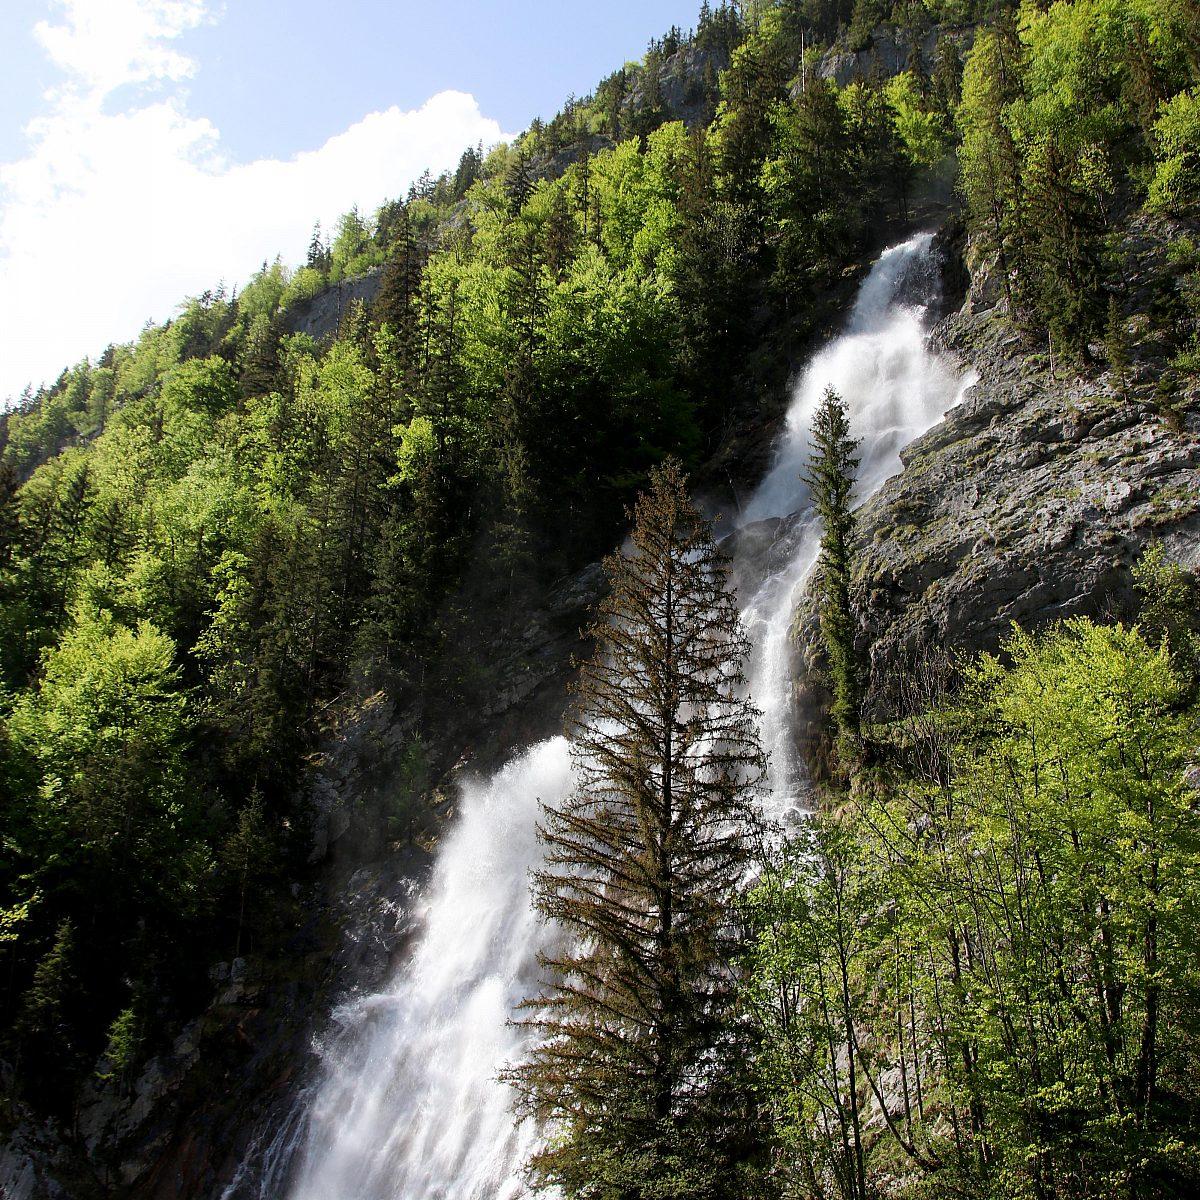 Toplitzsee wasserfall11 castrid eder